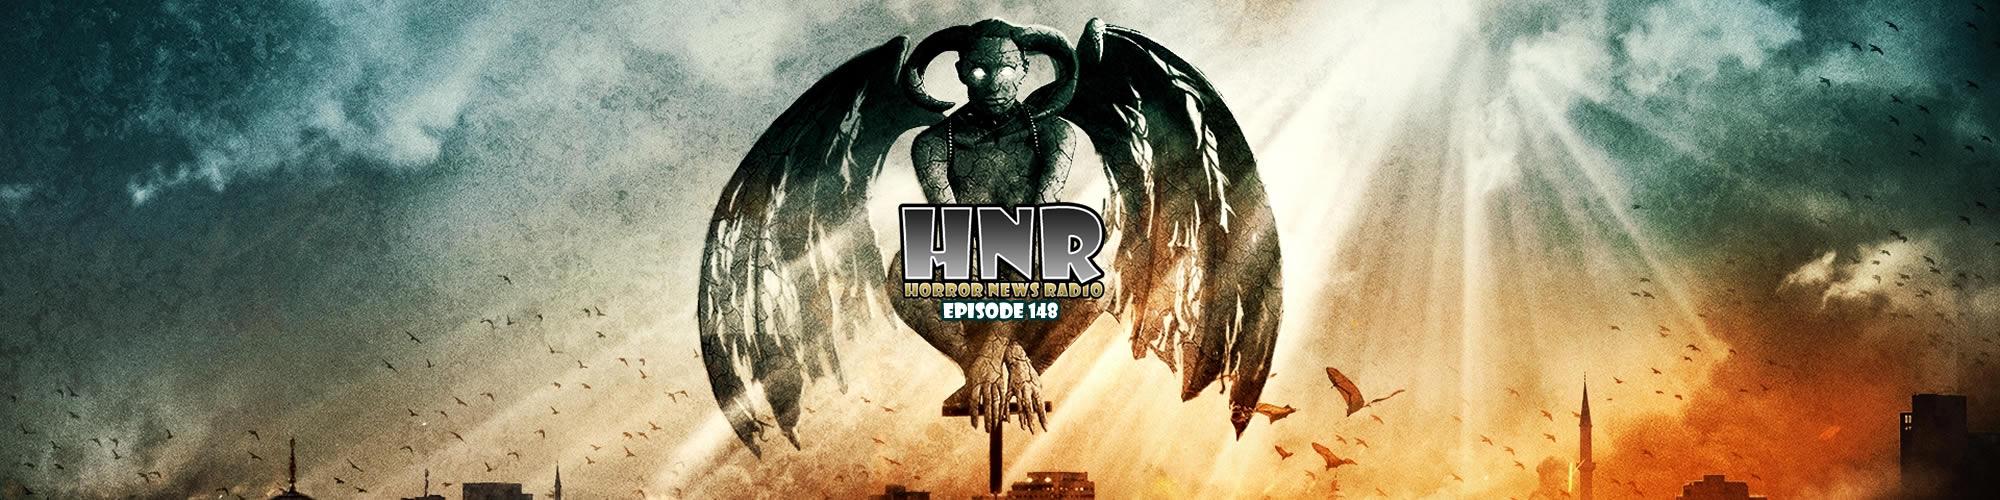 HNRSiteBanner148